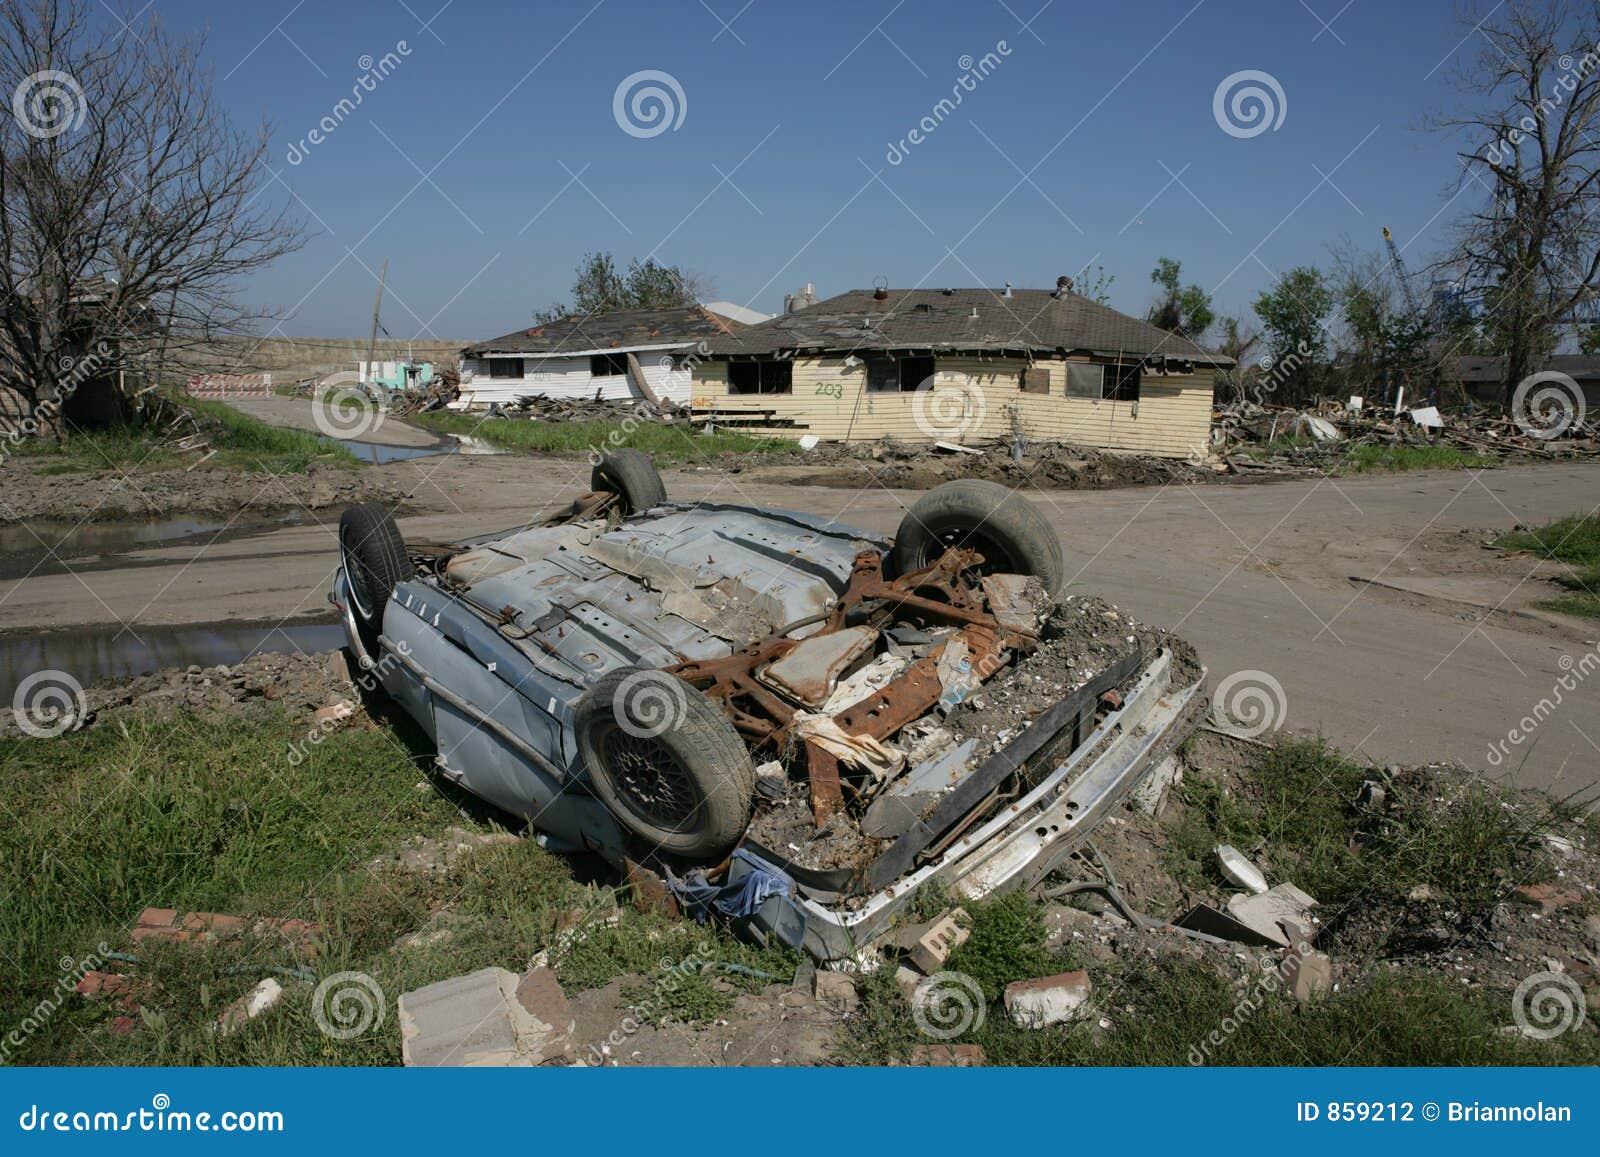 βιομηχανικός αυτοκινήτων καναλιών που ανατρέπεται πλησίον